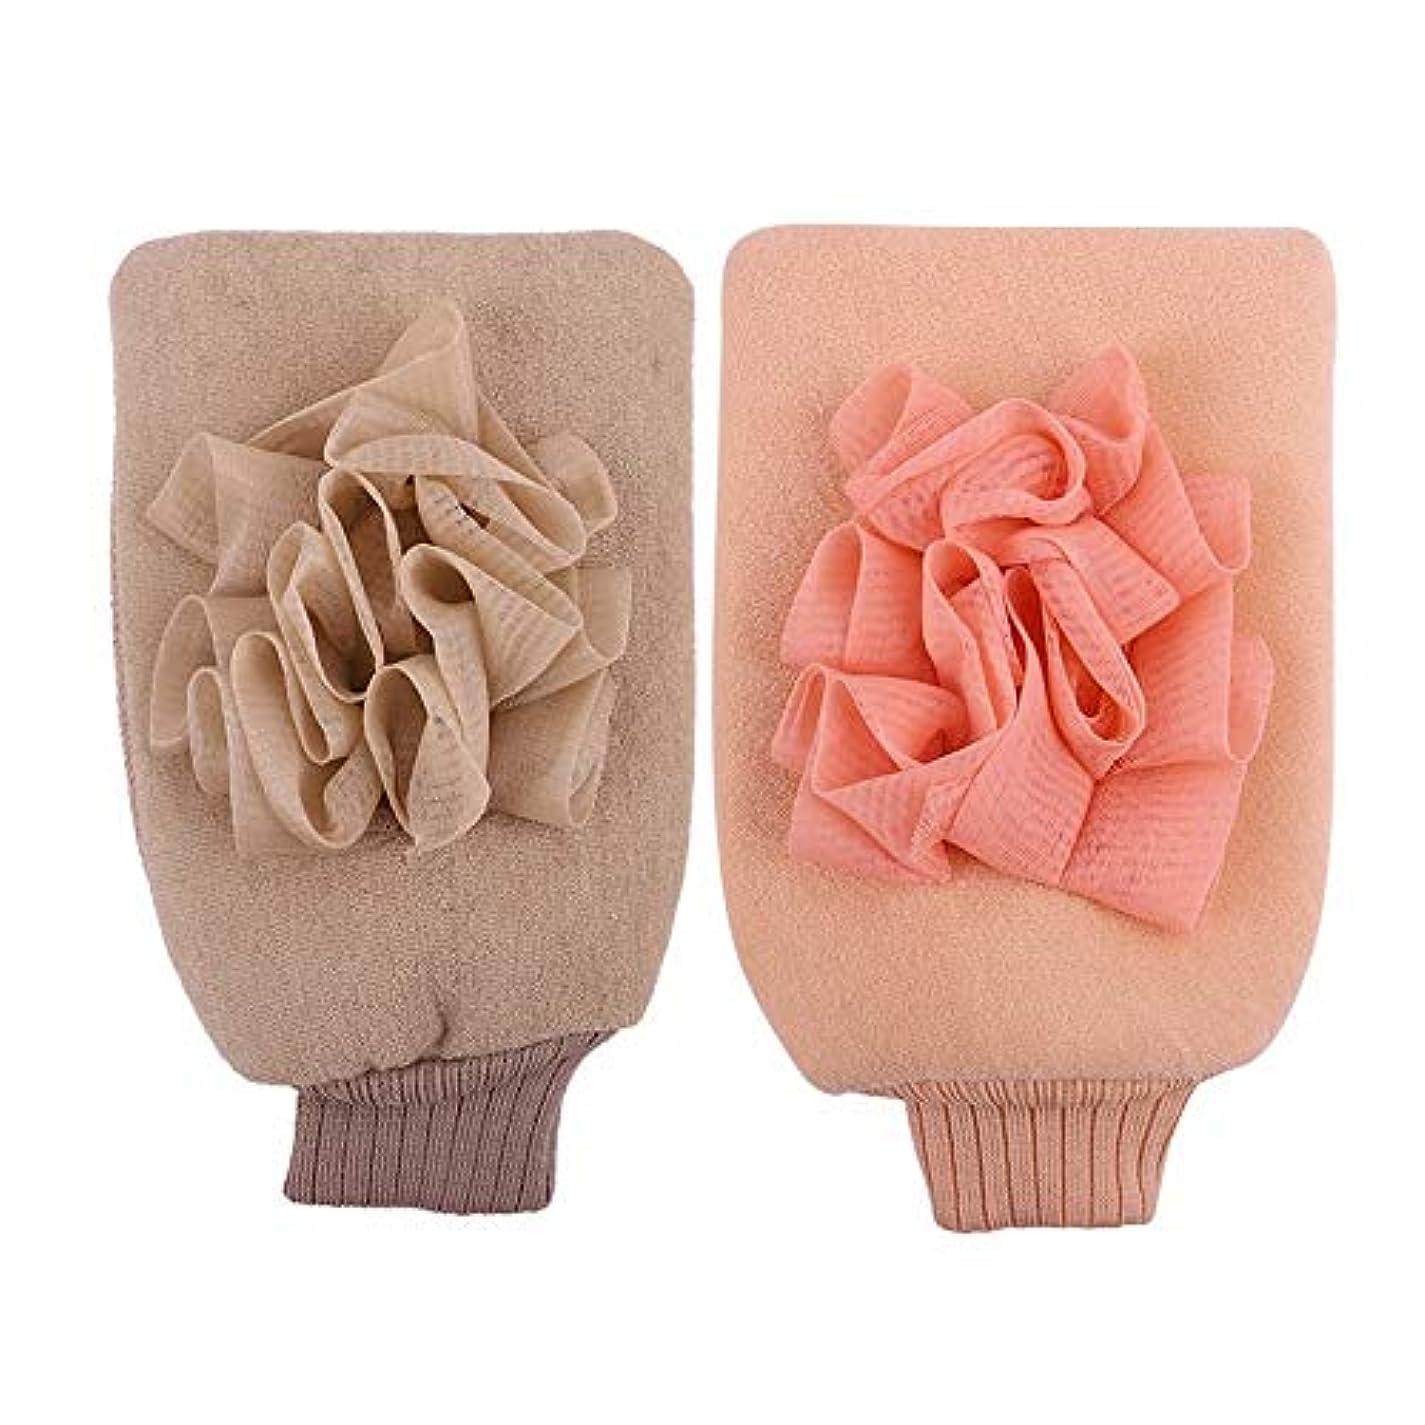 チューインガム先荒れ地BTXXYJP お風呂用手袋 シャワー手袋 あかすり手袋 ボディブラシ やわらか ボディタオル バス用品 男女兼用 角質除去 (Color : Pink+beige)